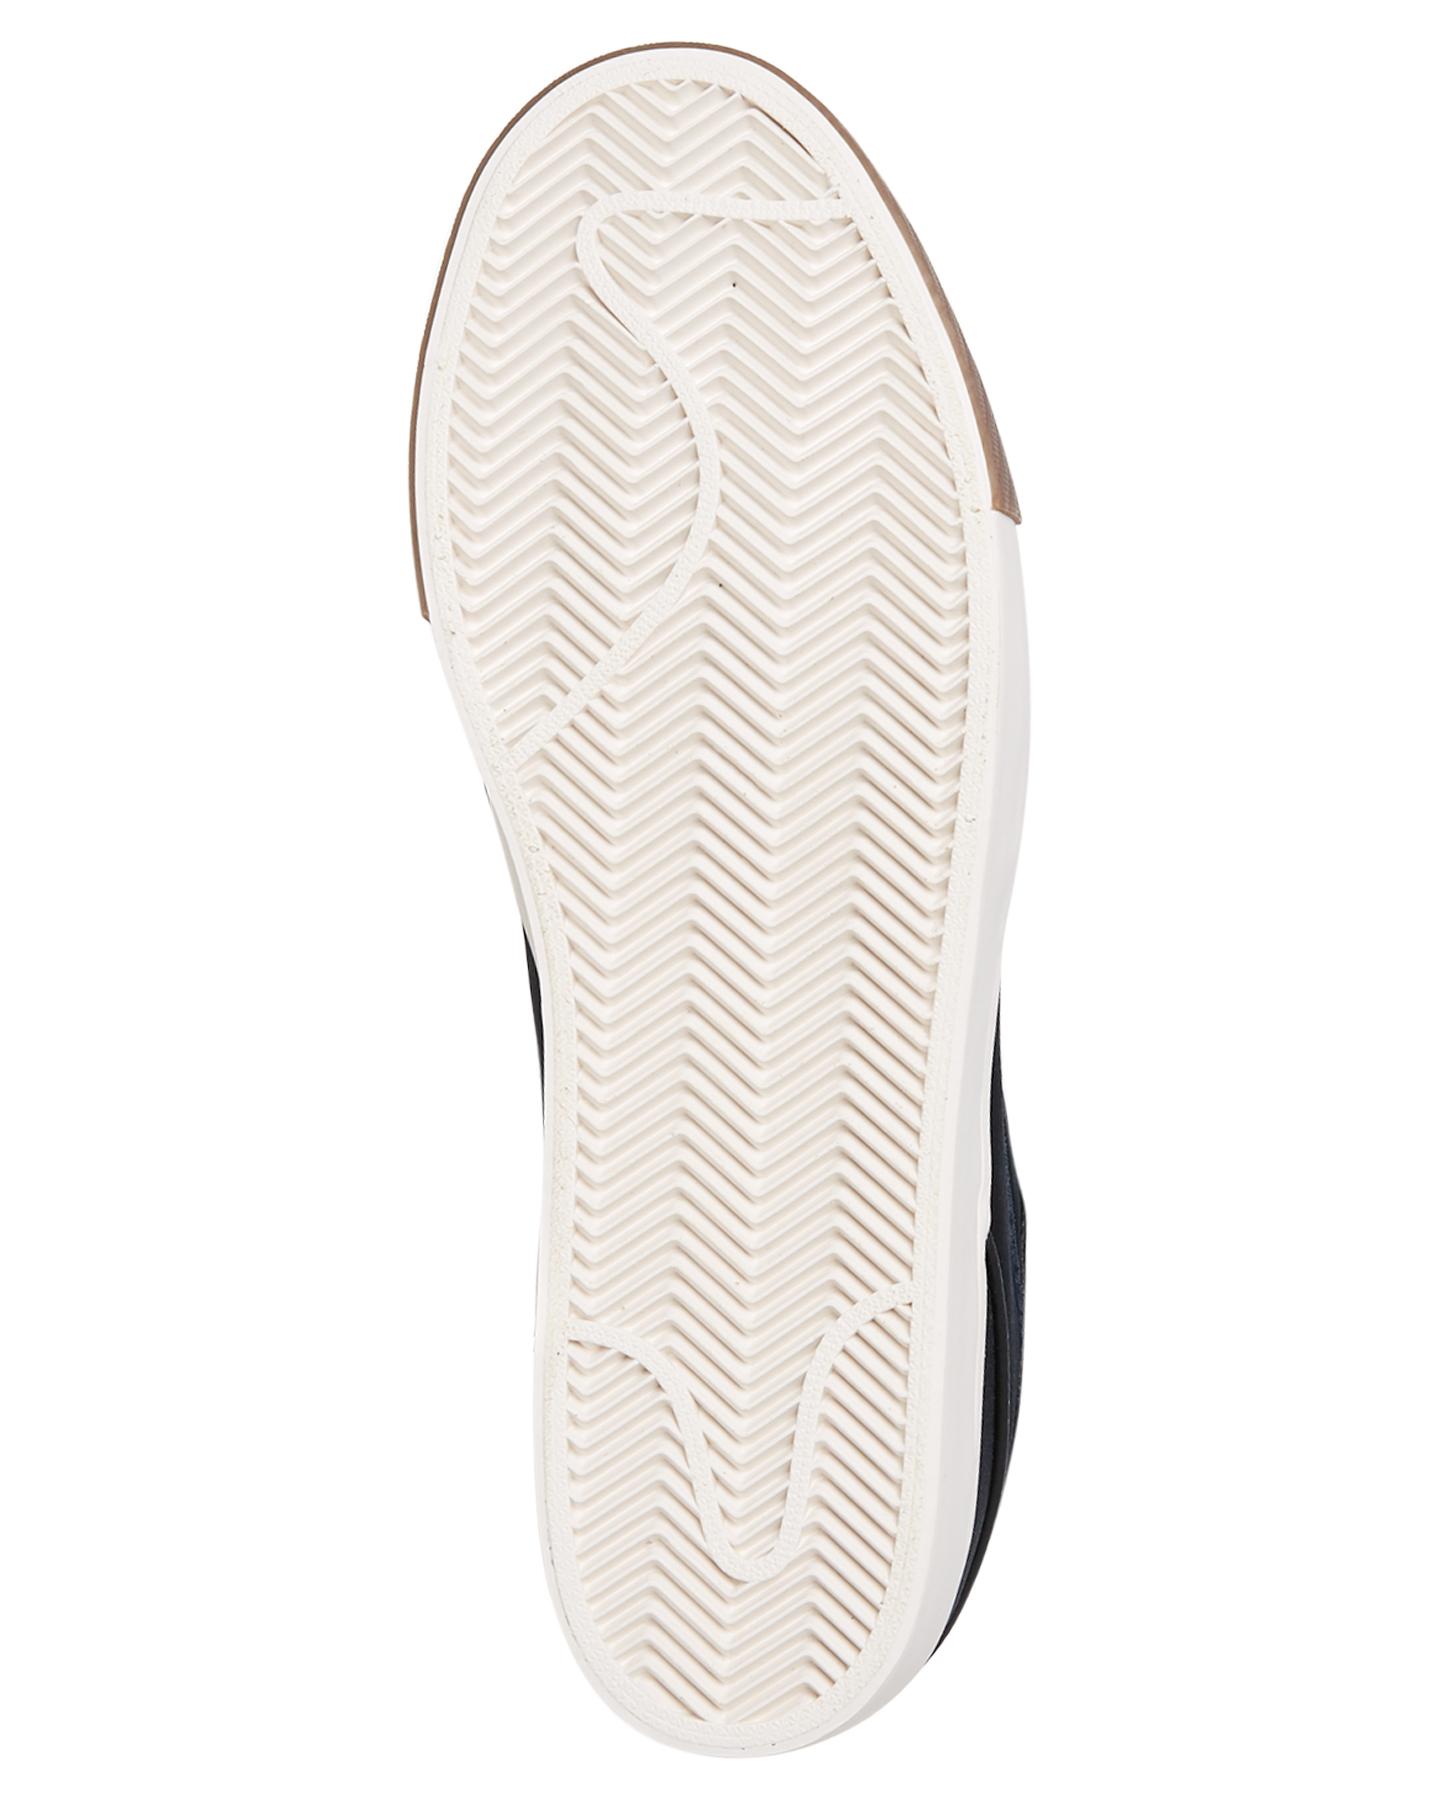 best sneakers ee0e6 0acf9 ... BLACK OBSIDIAN MENS FOOTWEAR NIKE SKATE SHOES - 615957-024 ...